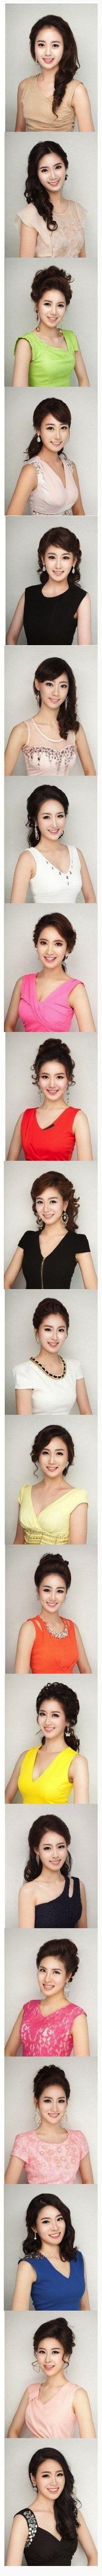 Koreas plastic surgery mayhem is finally converging on the same face. Here are the miss korea 2013 contestants. ///|||/// Estas son todas las participantes de Miss Korea 2013... si, son diferentes personas, pero tal vez el mismo cirujano plastico.